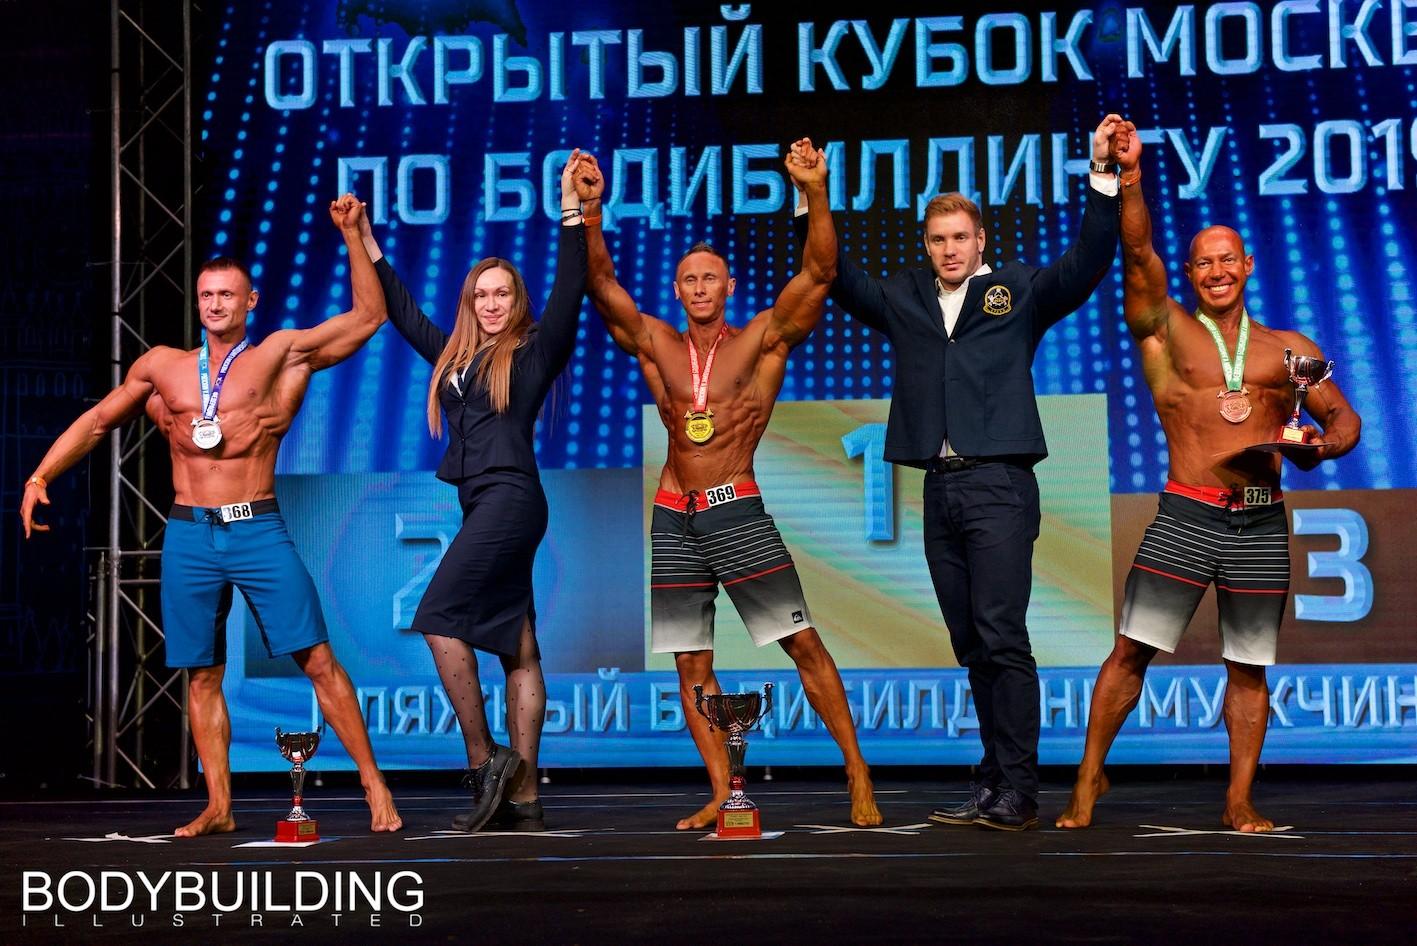 Кубок Москвы по бодибилдингу 2019 Пляжный бодибилдинг мастера